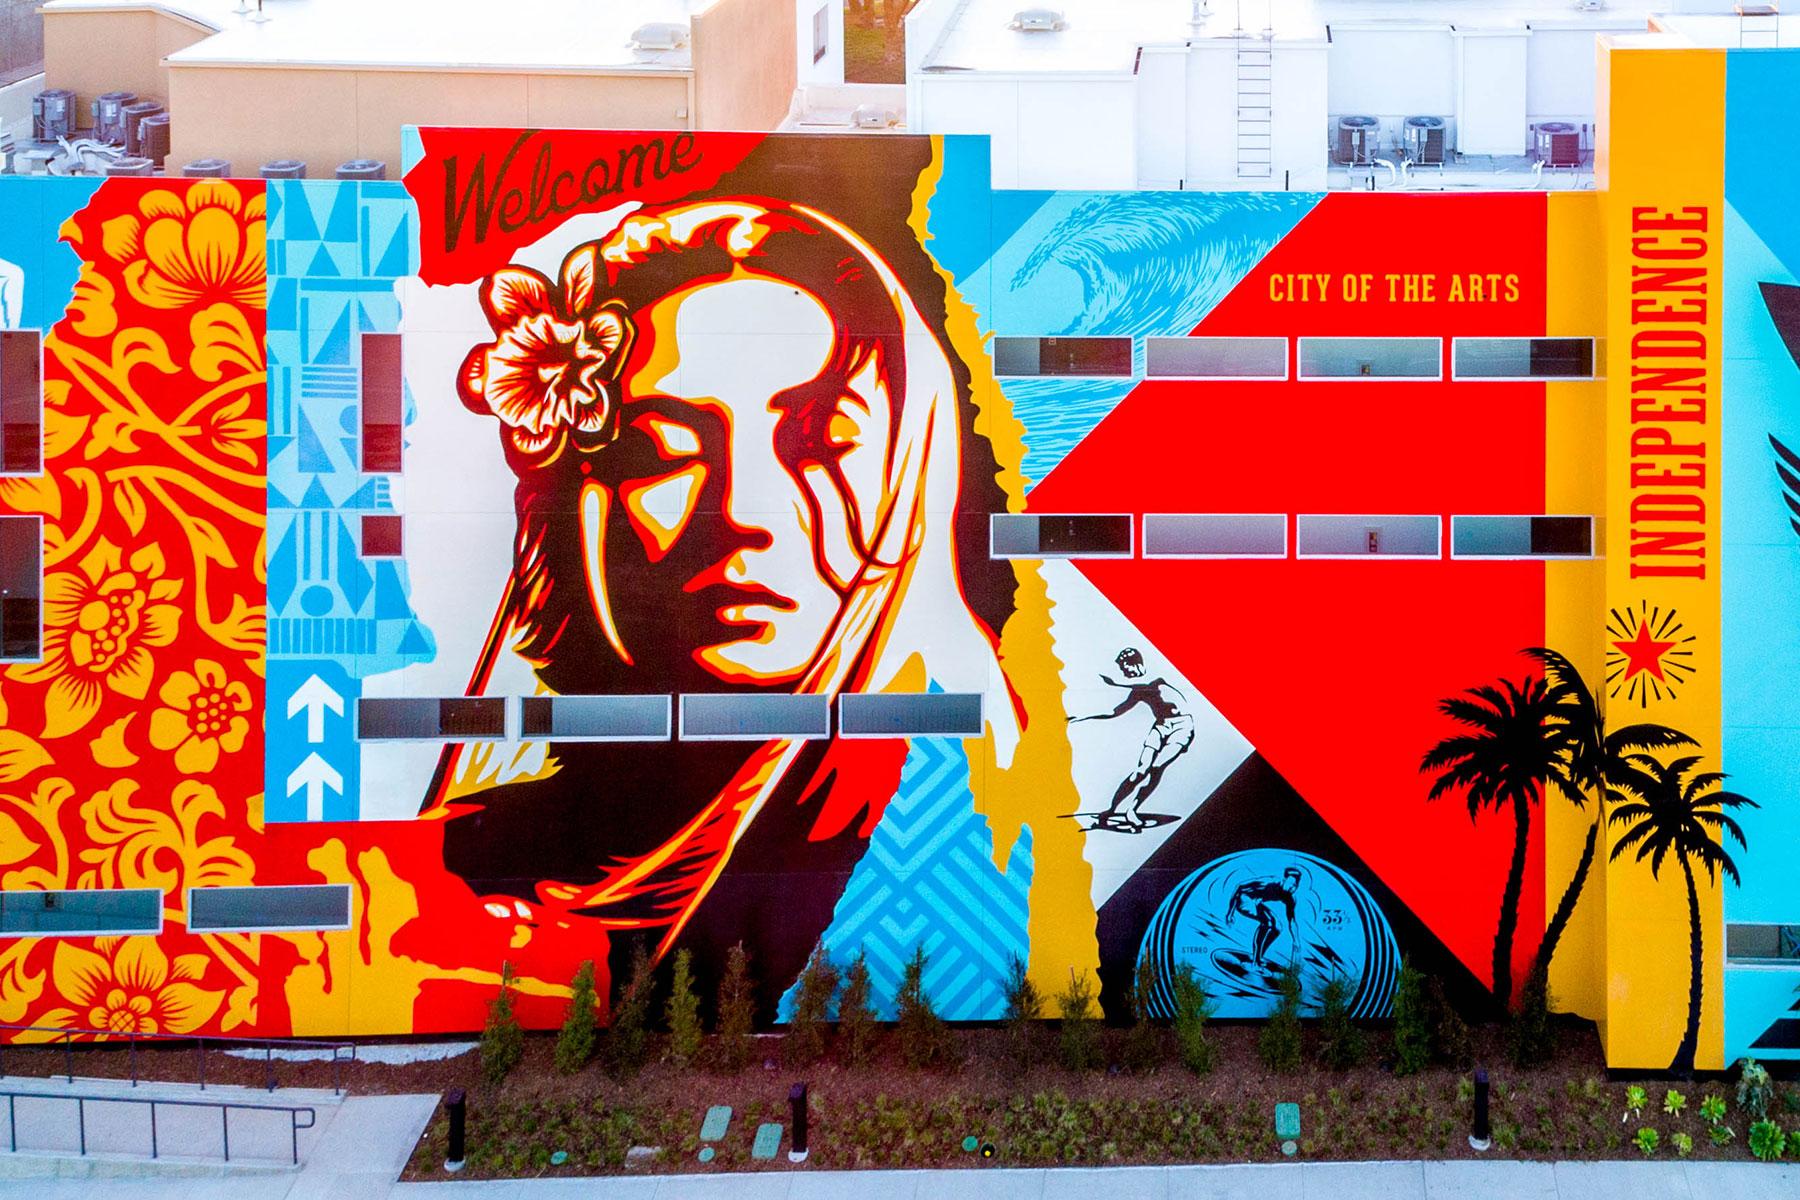 Baker Block Public Mural